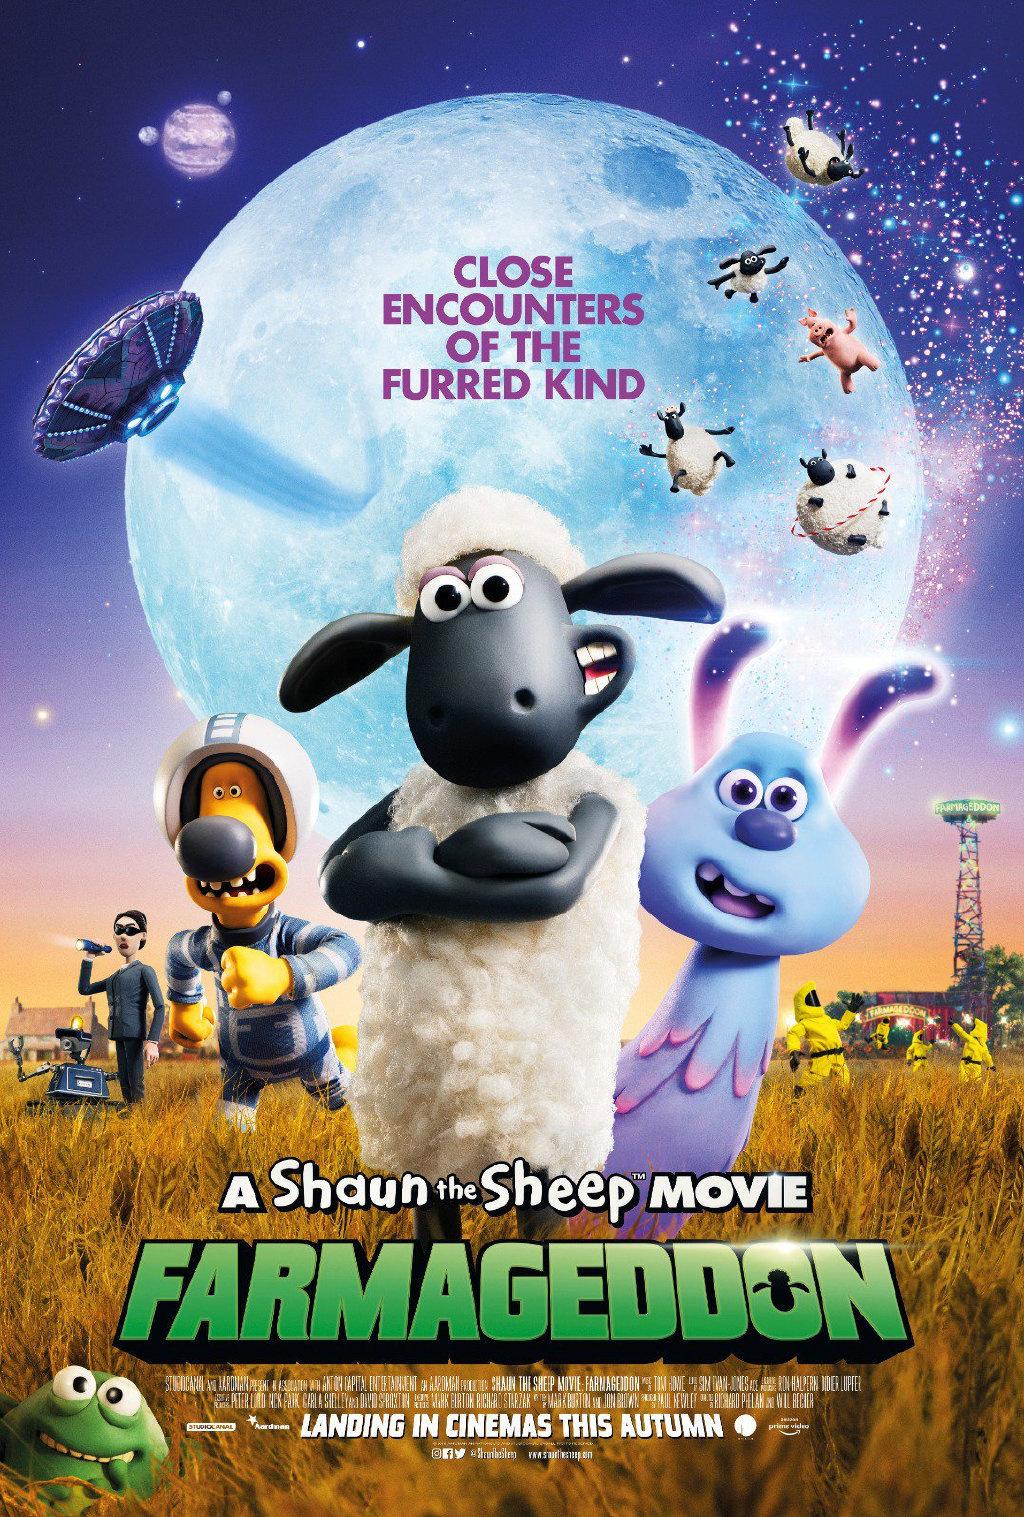 《小羊肖恩2》新预告肖恩勇闯太空 凯丽·米洛献唱